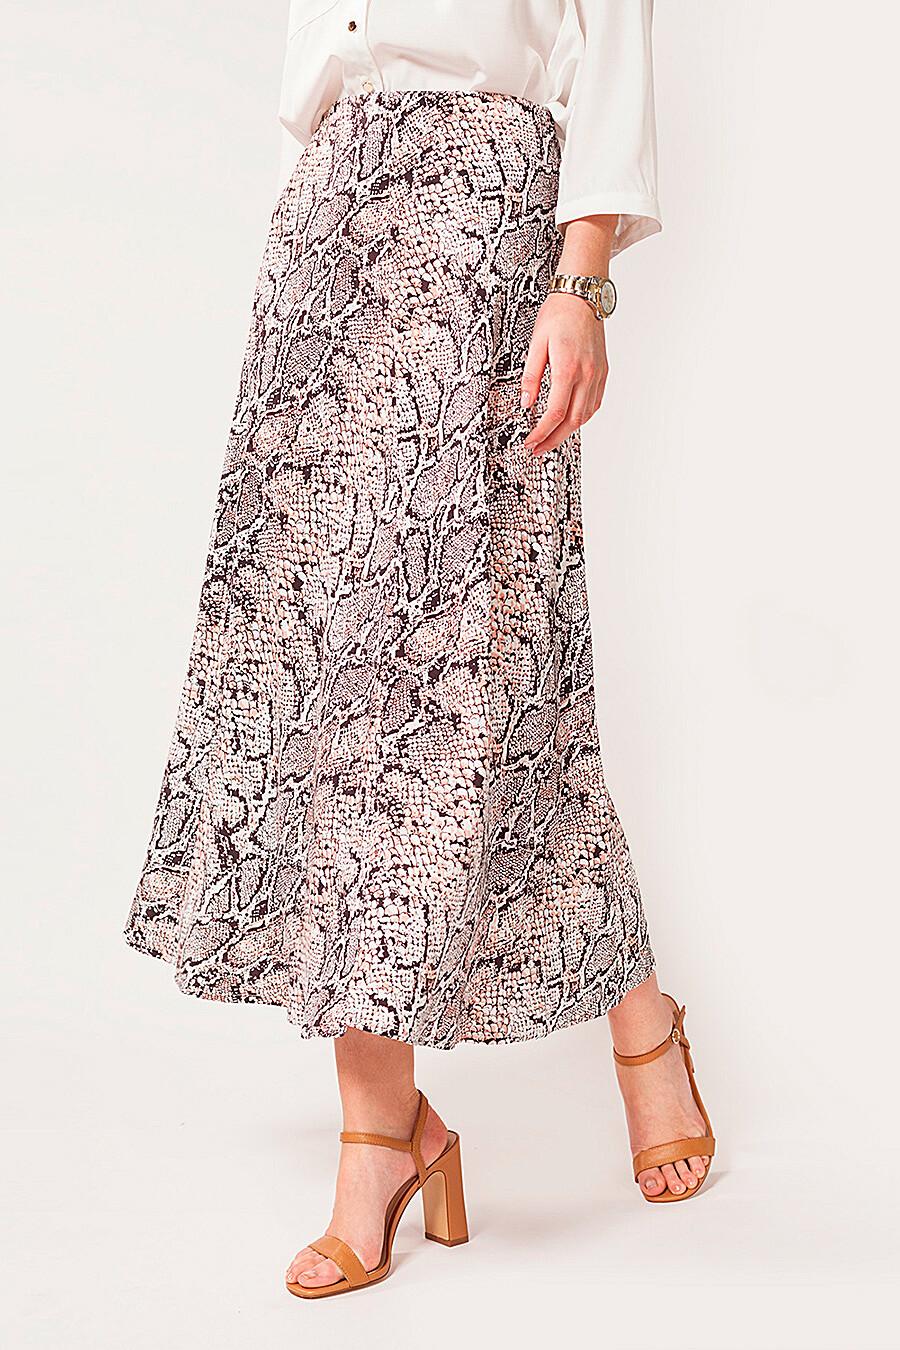 Юбка для женщин VILATTE 334920 купить оптом от производителя. Совместная покупка женской одежды в OptMoyo